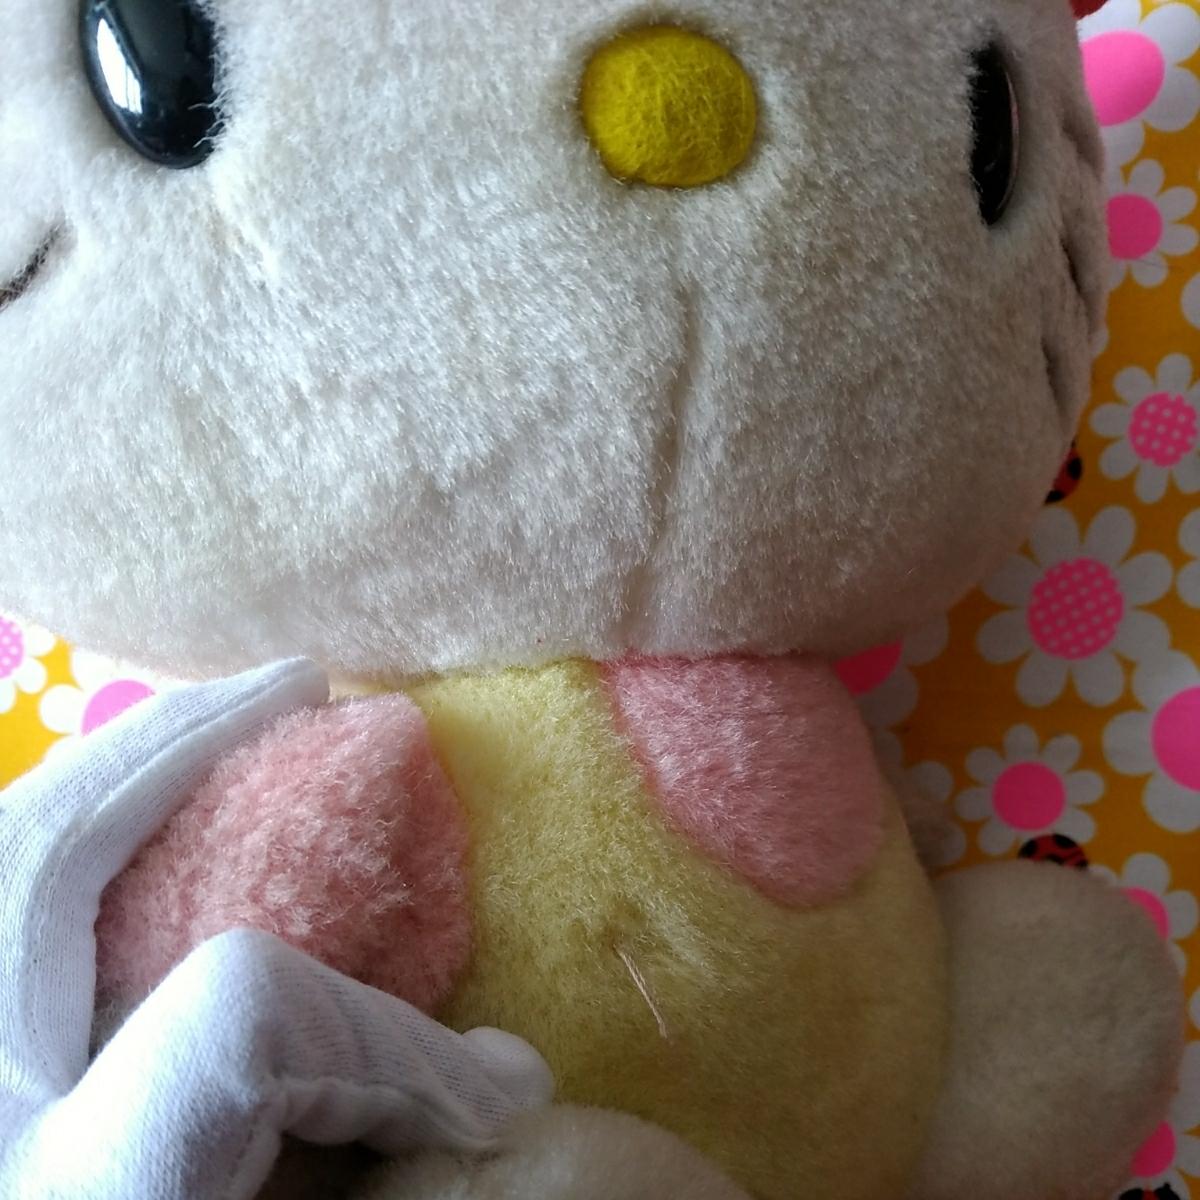 年代物 当時物 昭和 レトロ サンリオ キティ 希少 ぬいぐるみ 人形 30cm 難あり コレクション コレクター 日本製_画像7